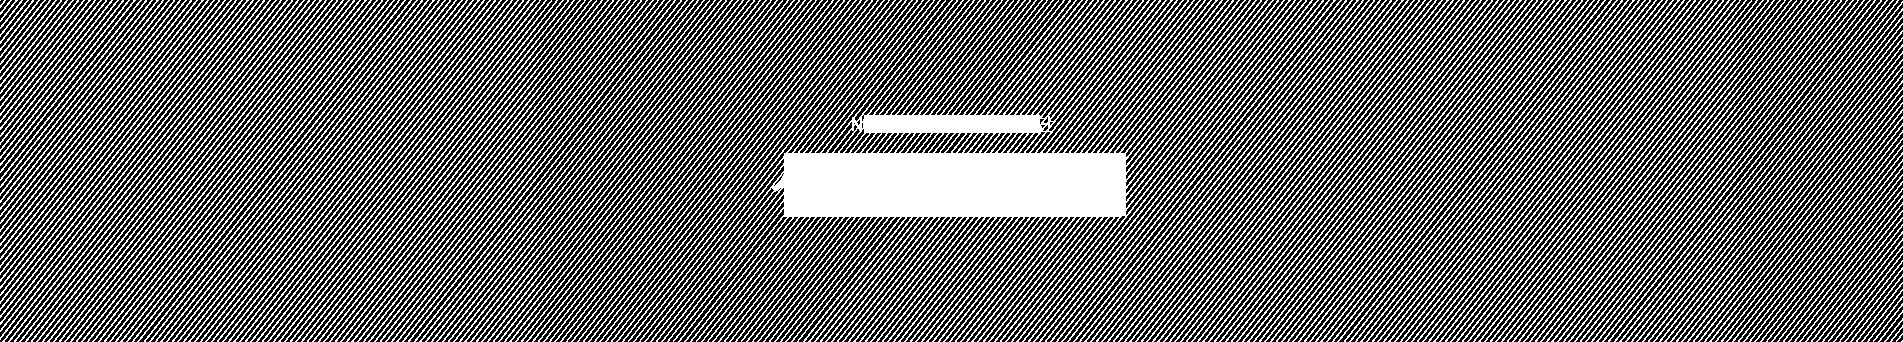 인테리어_font